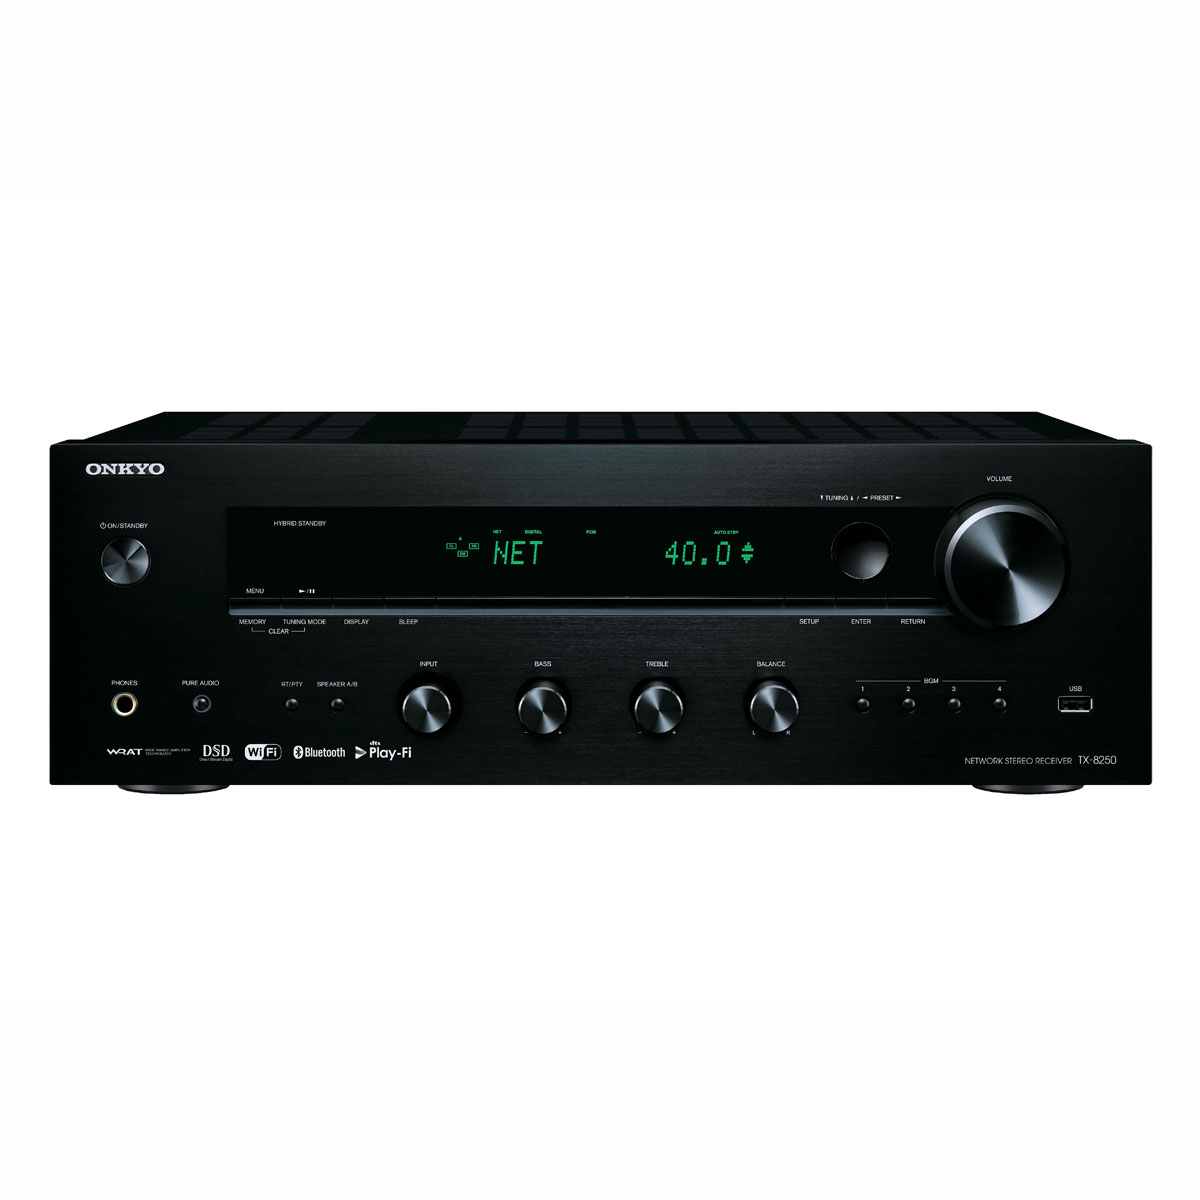 Onkyo TX-8250 schwarz Netzwerk-Receiver 991028